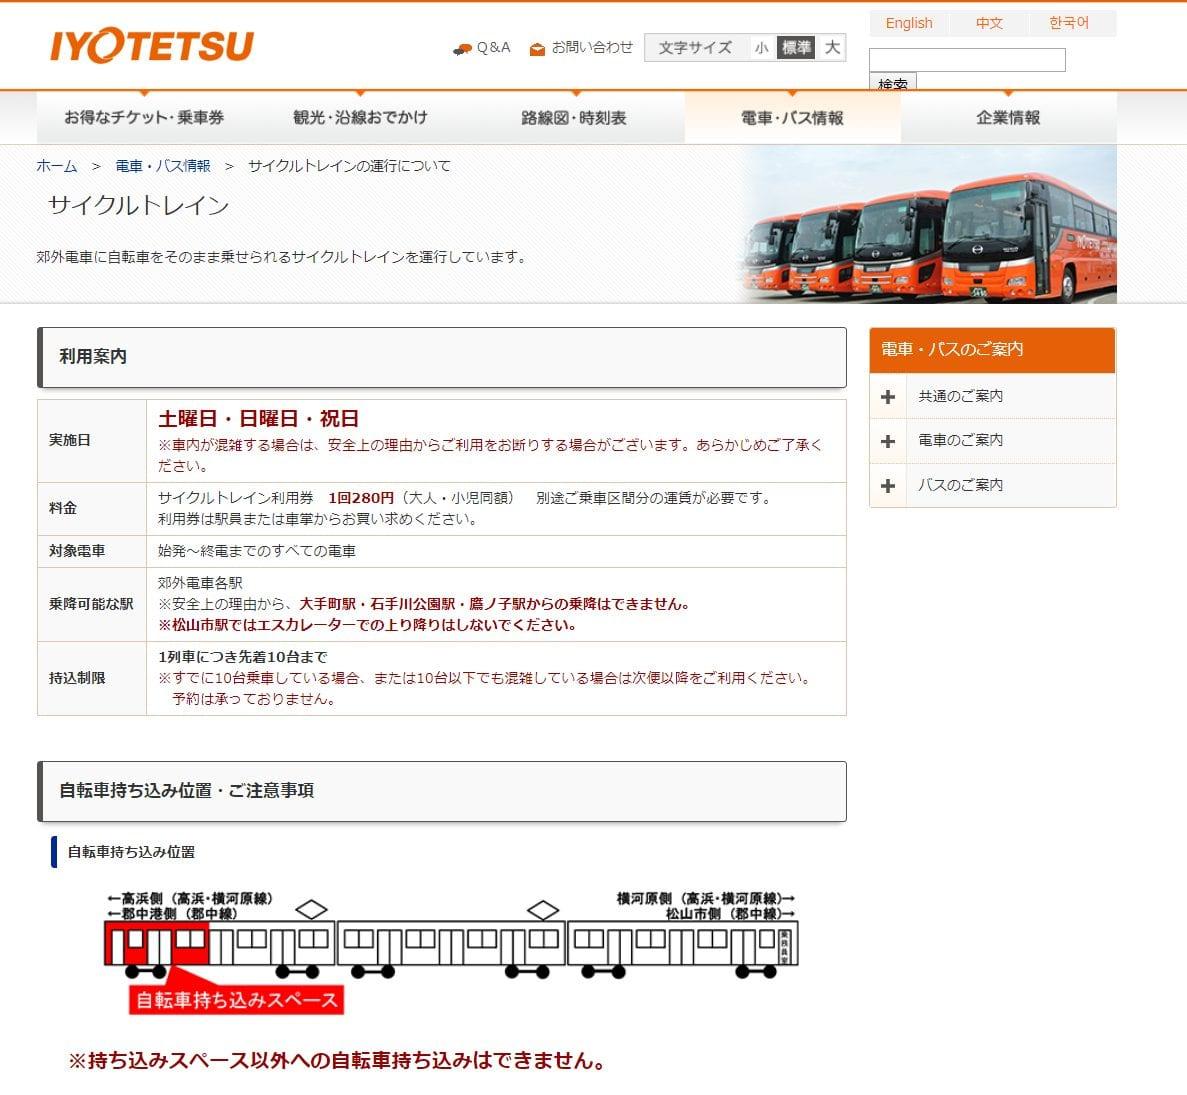 伊予鉄道 サイクルトレイン